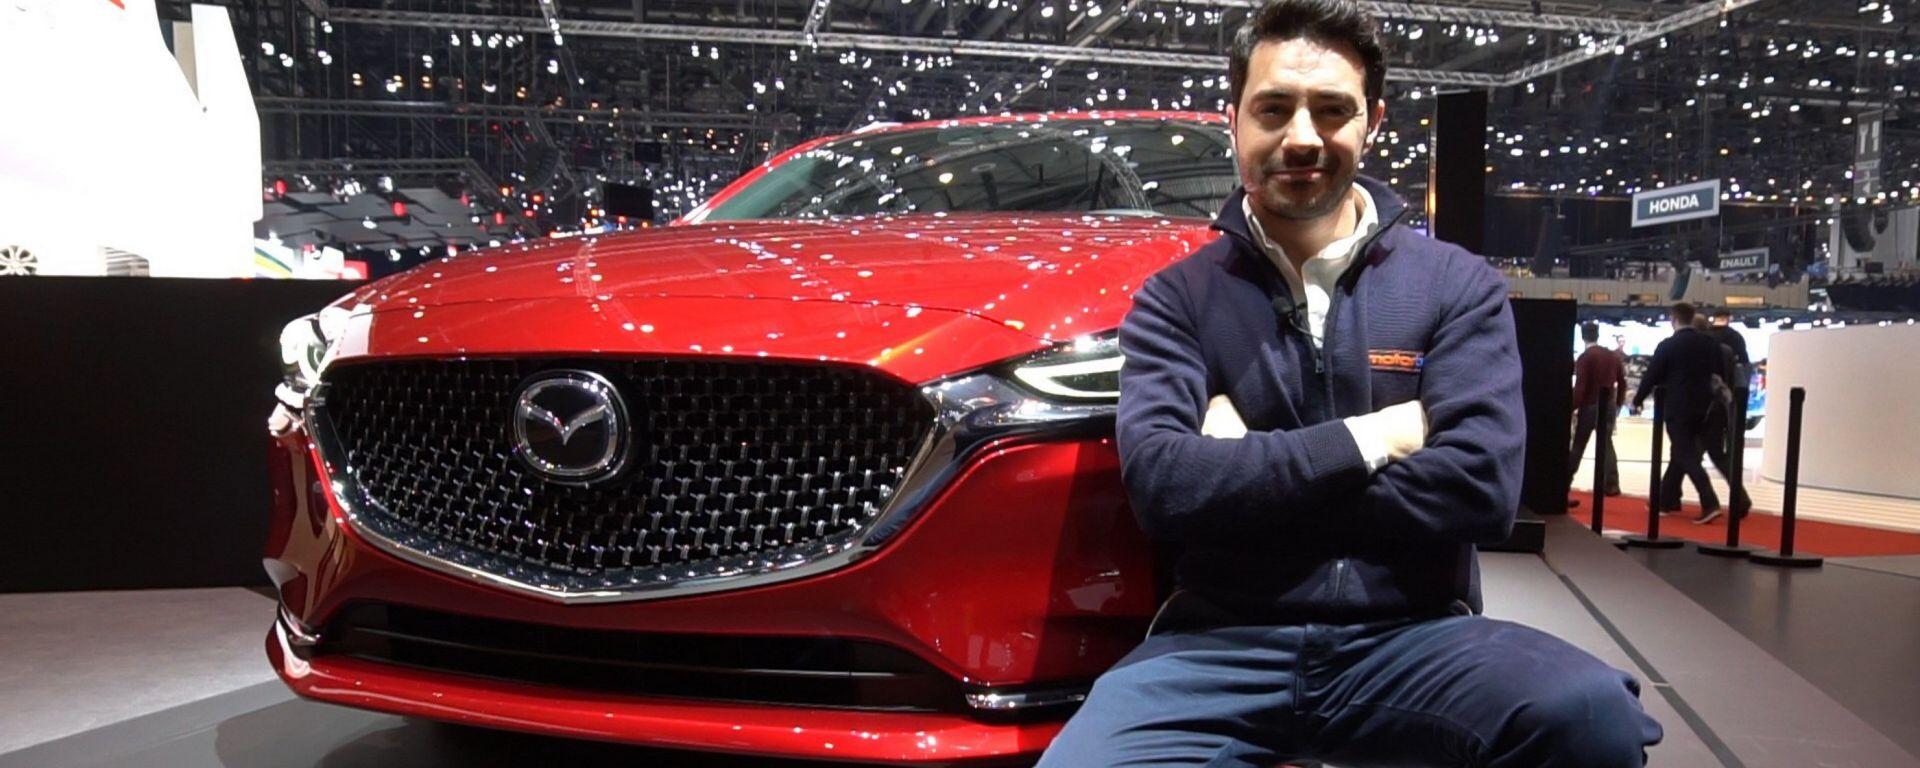 Nuova Mazda 6 Wagon: in video dal Salone di Ginevra 2018